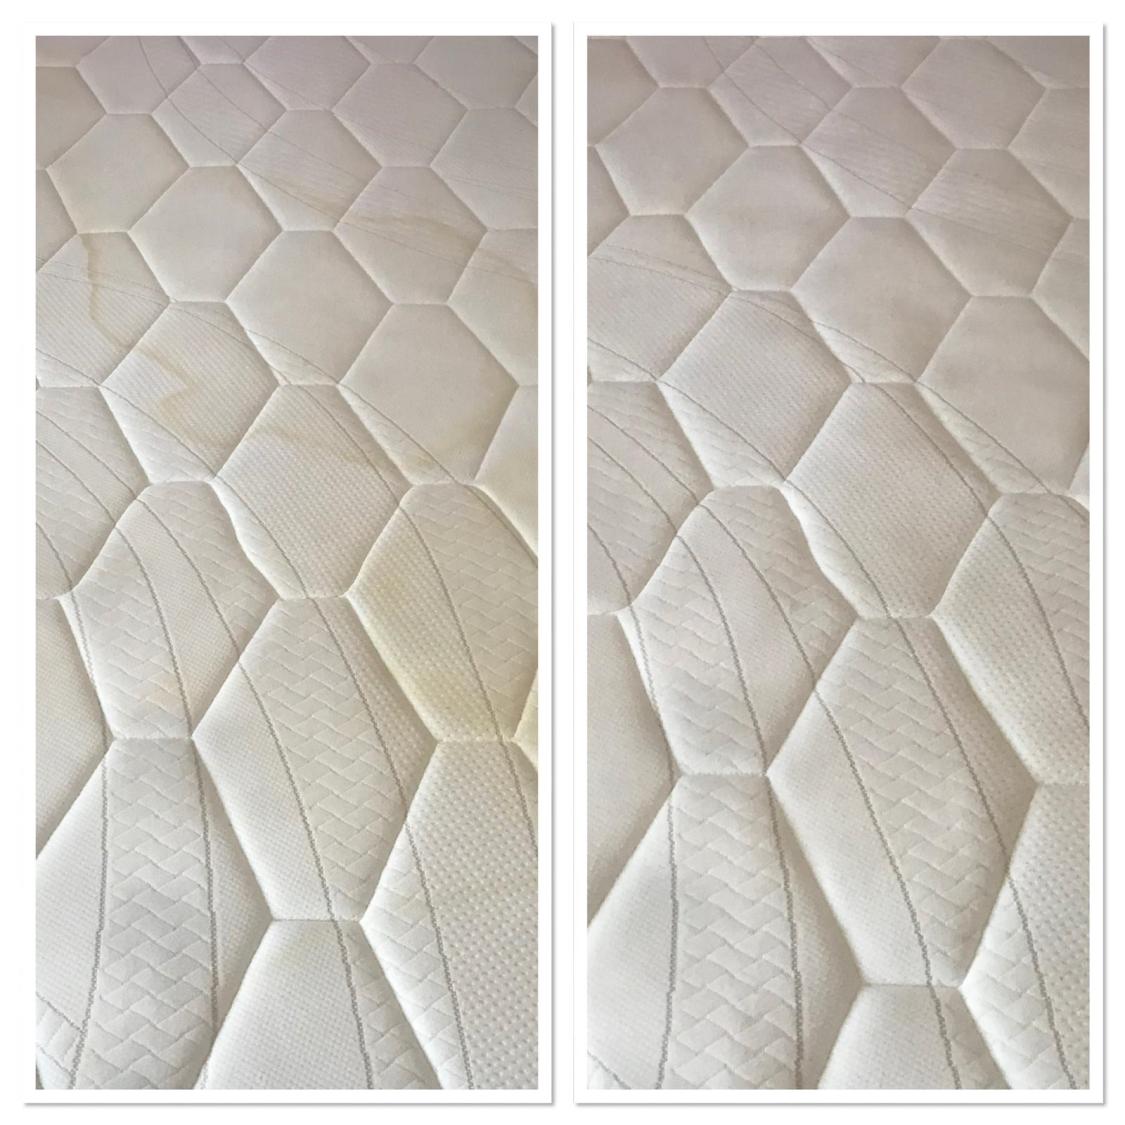 limpieza de alfombras cáceres